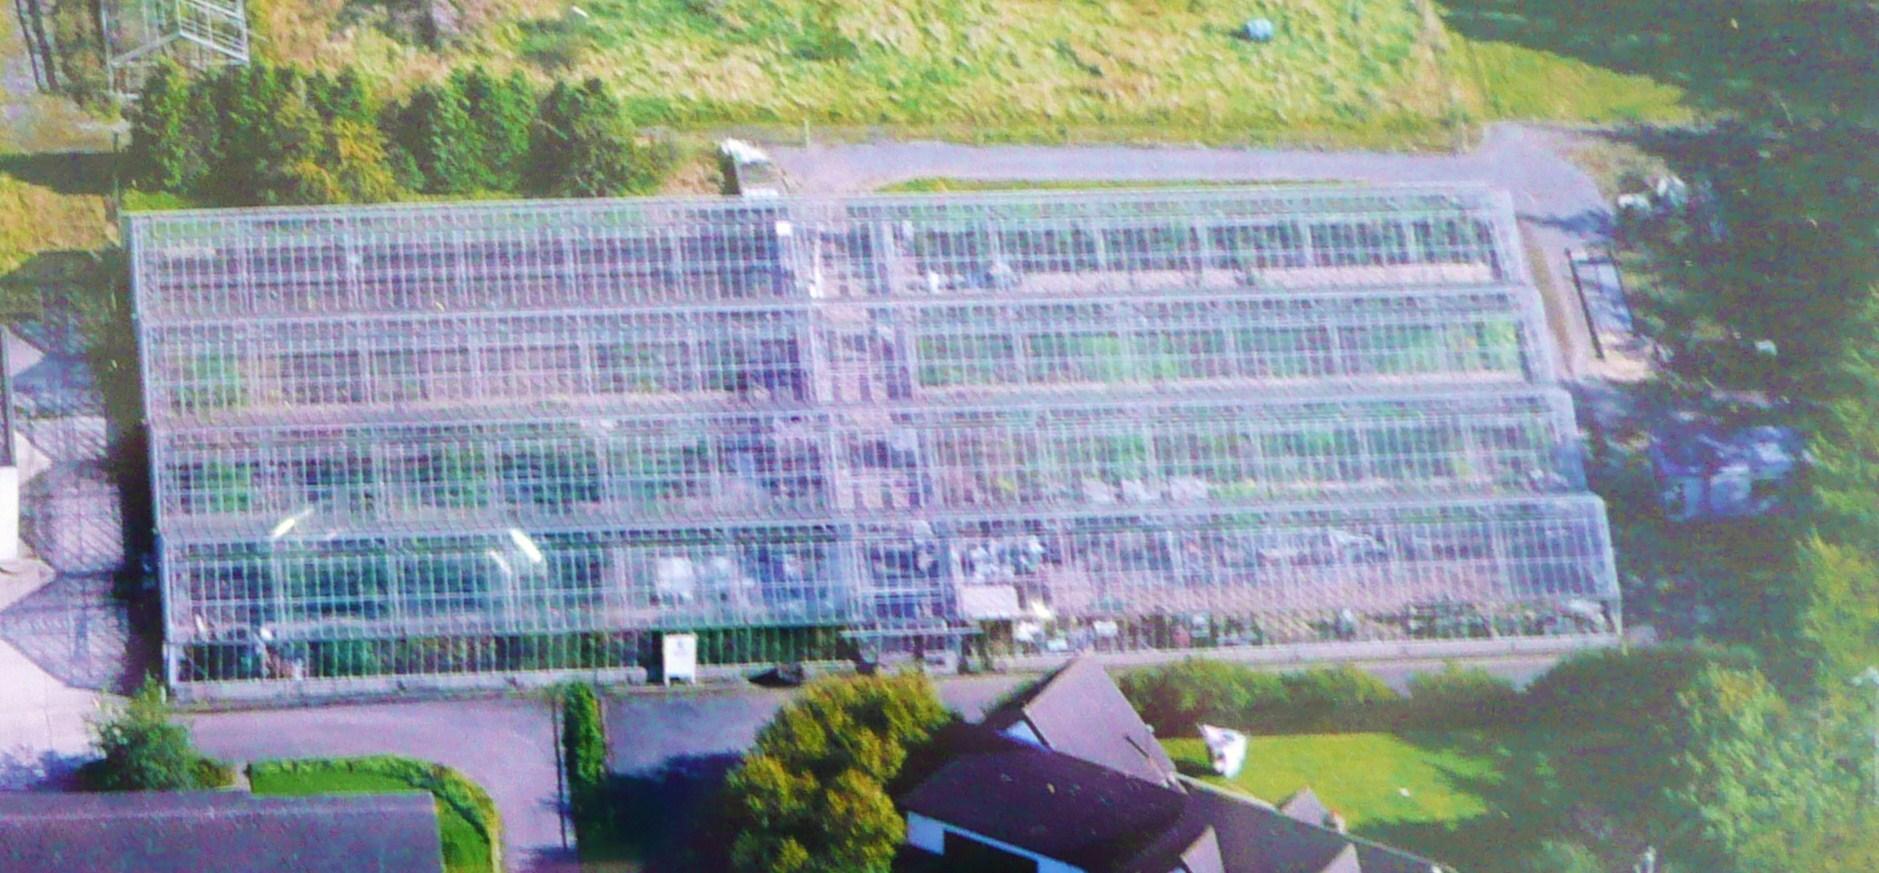 Nursery Aerial View